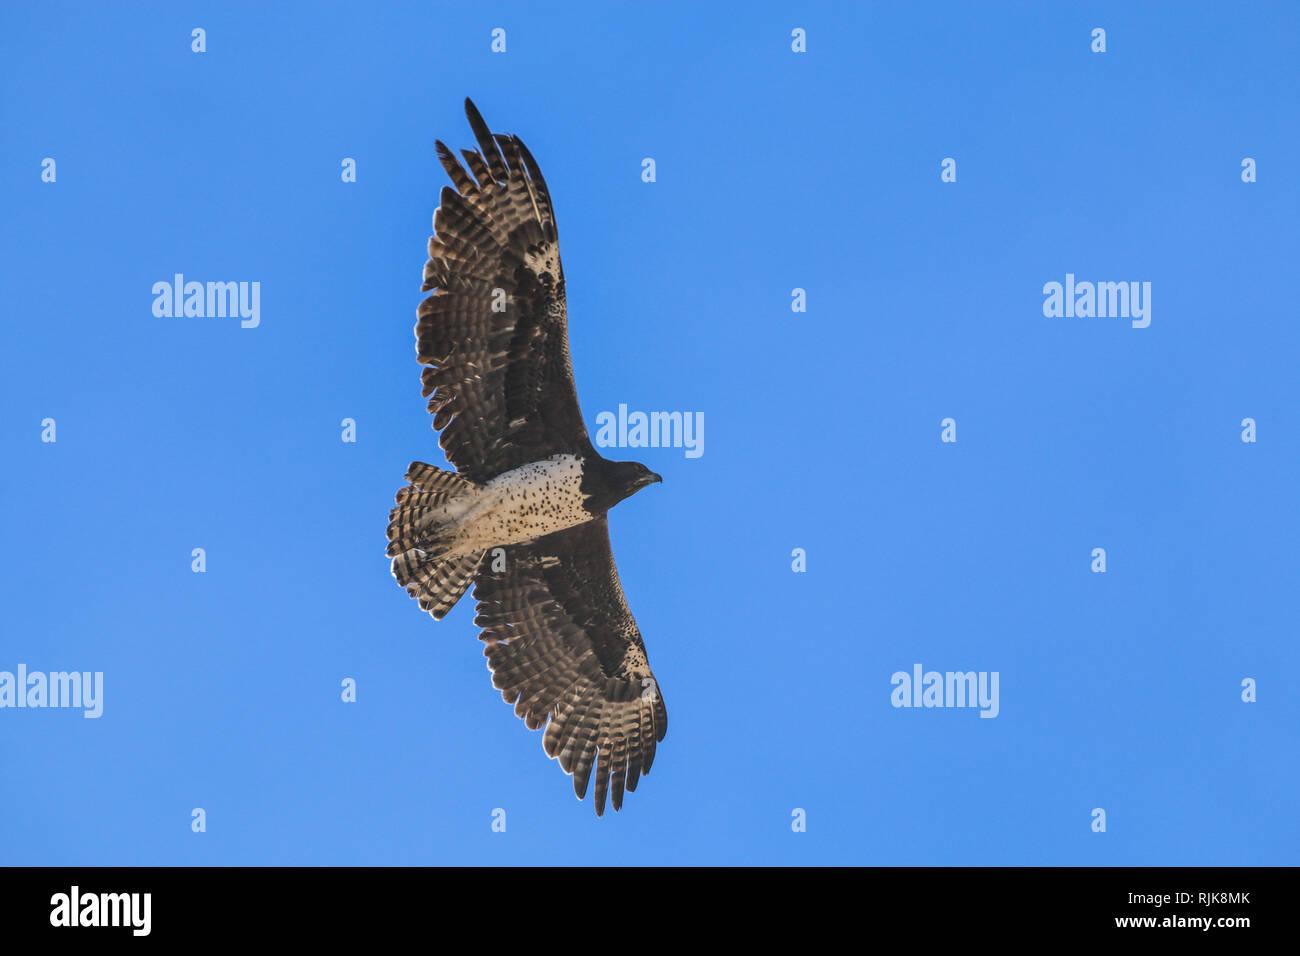 Adler in Namibia Stock Photo